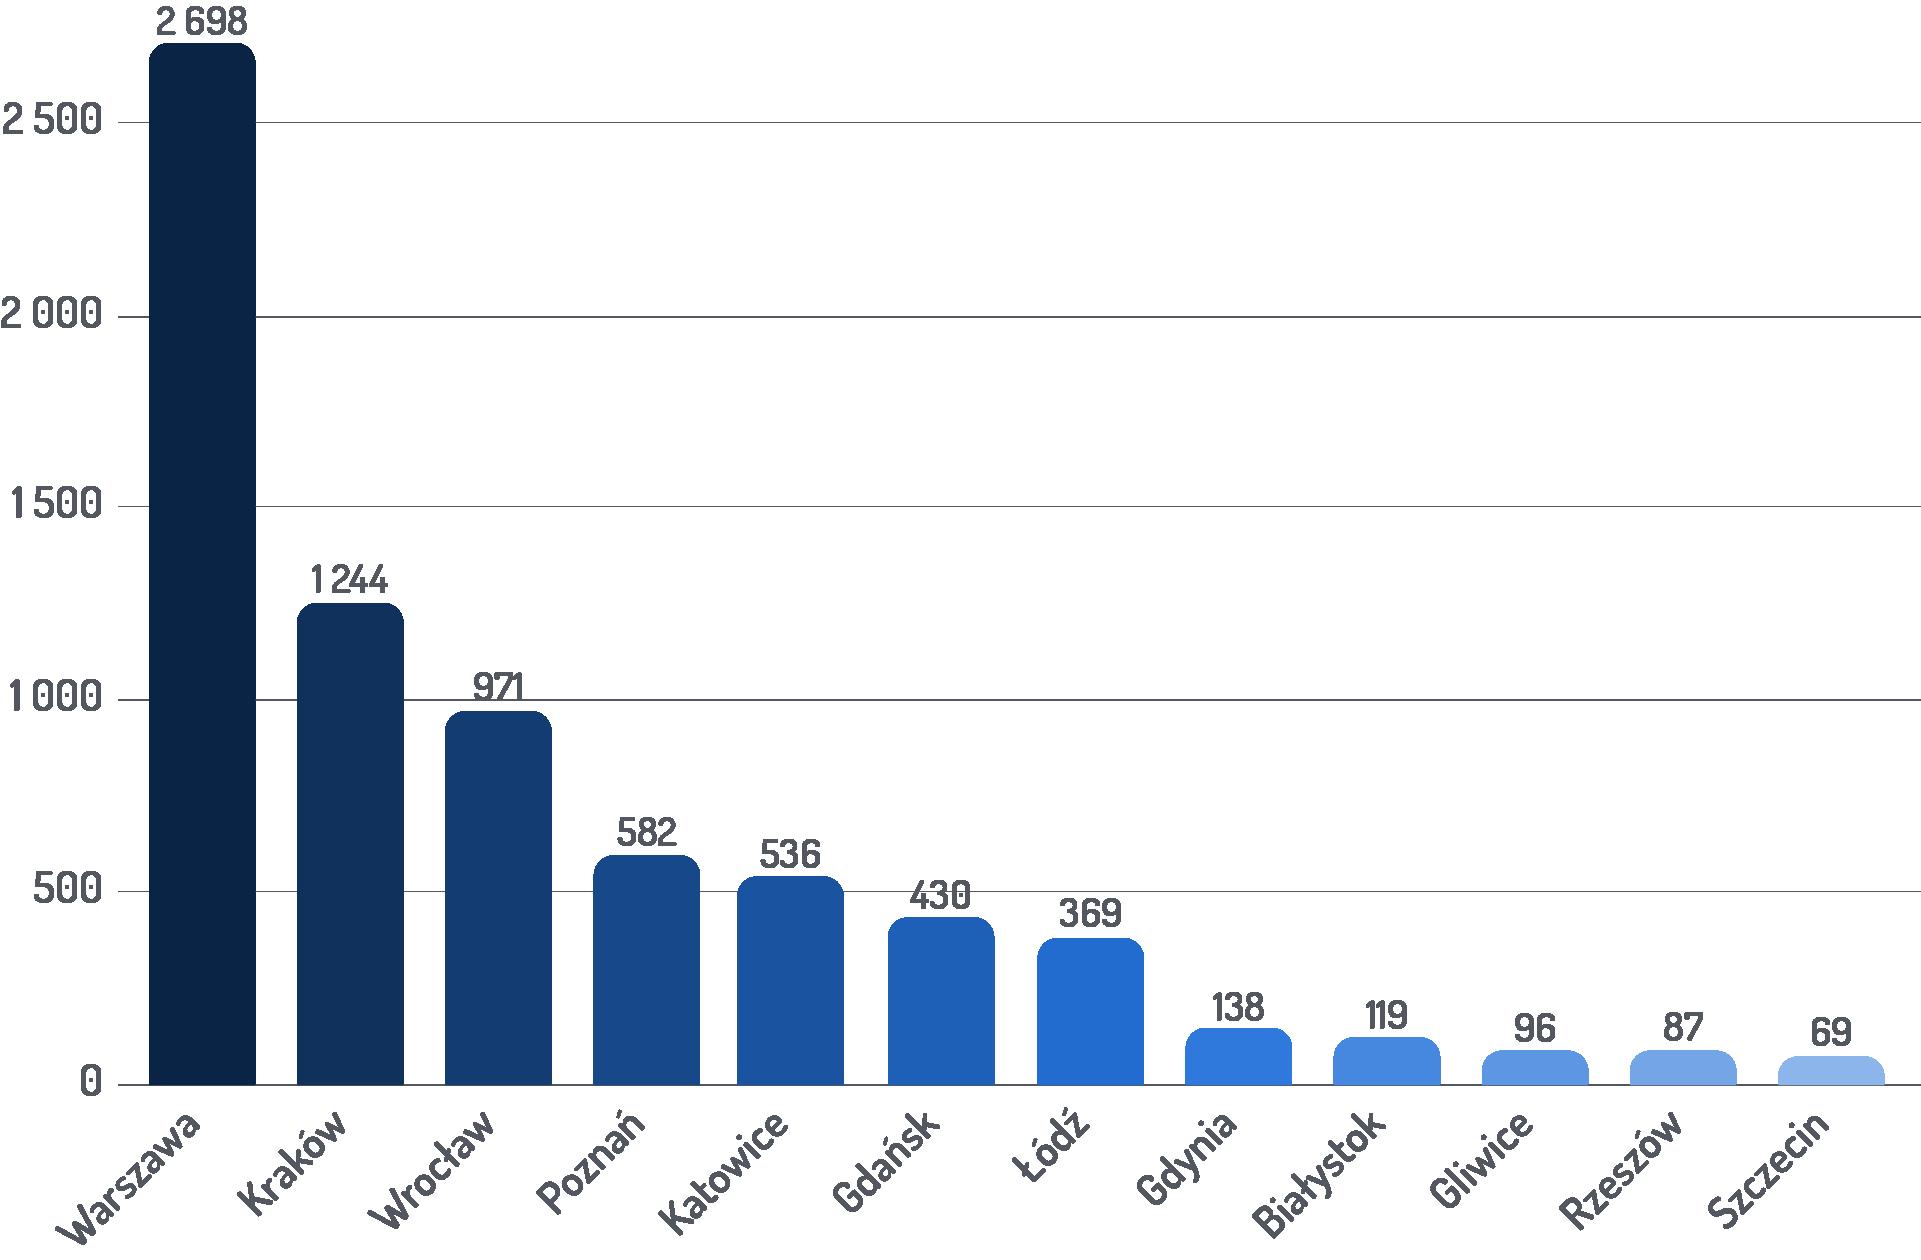 Liczba ofert w miastach - wykres